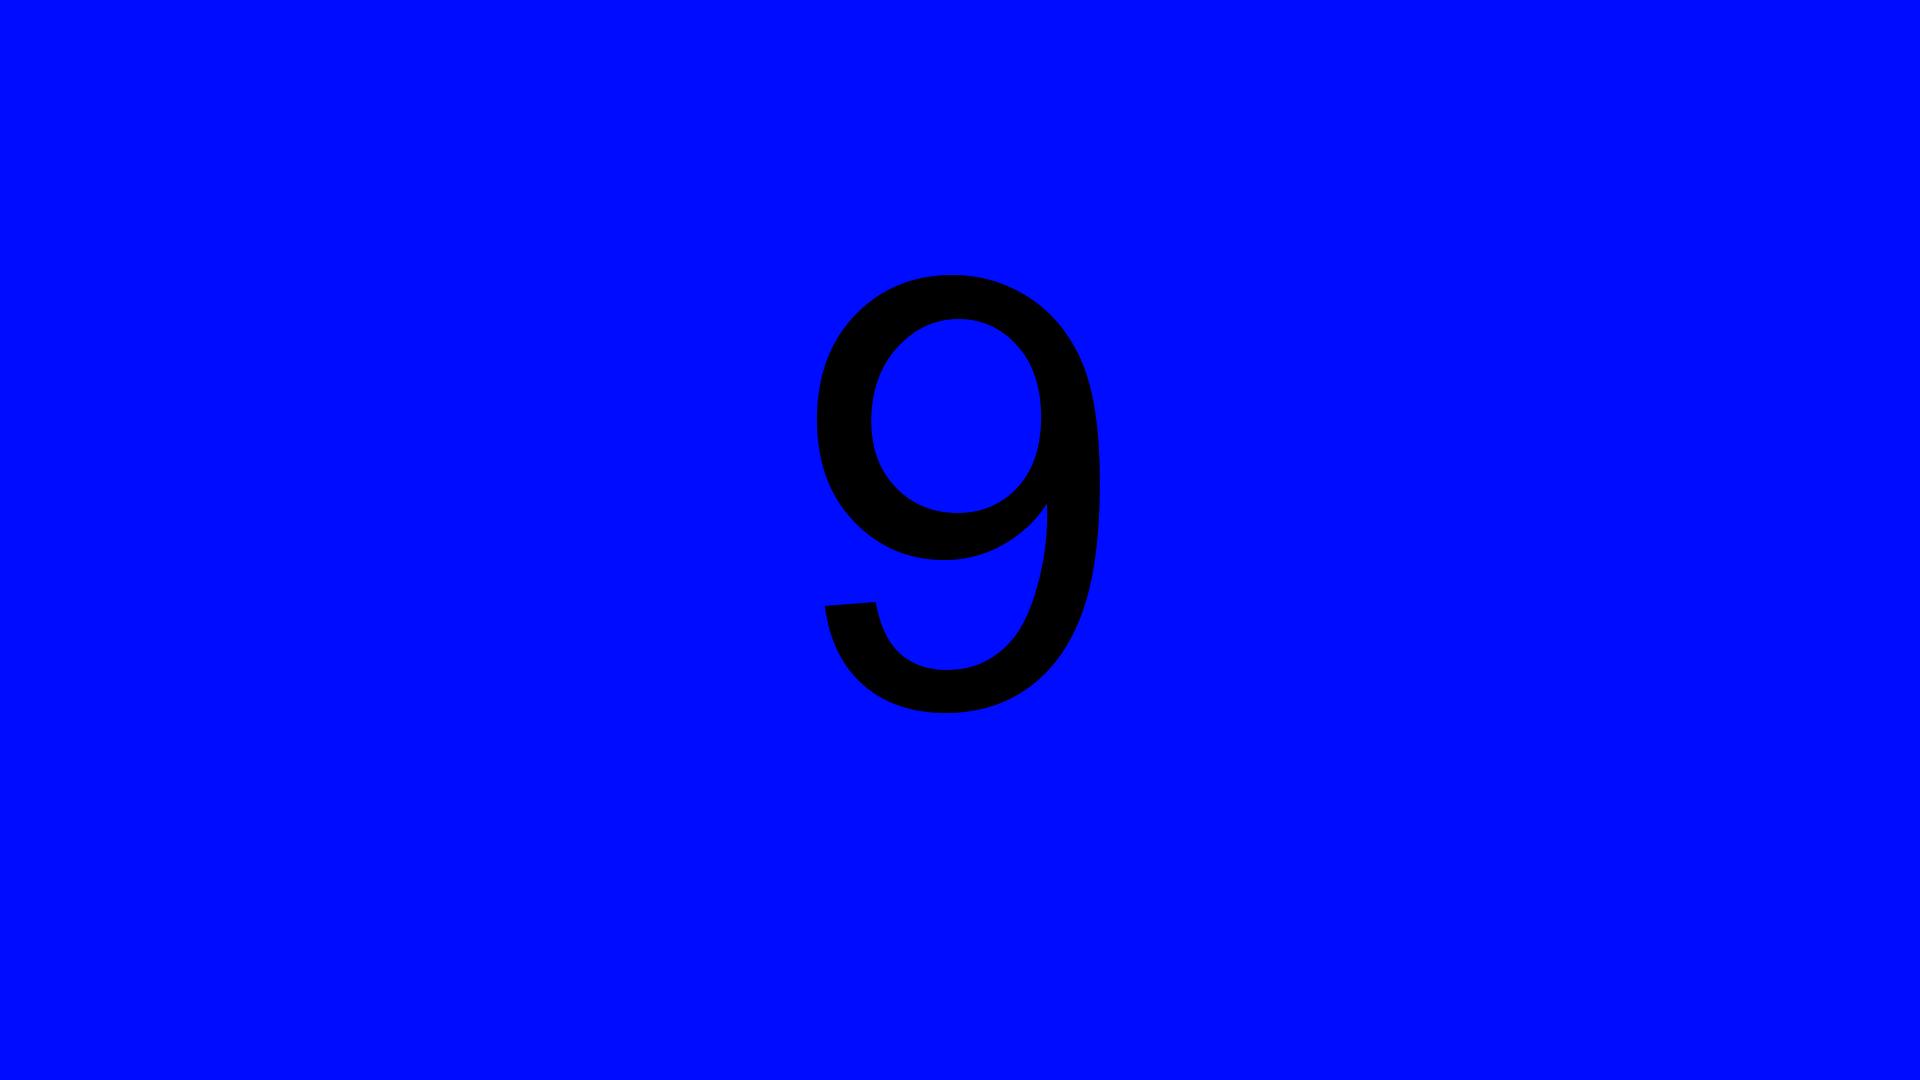 Blue_09